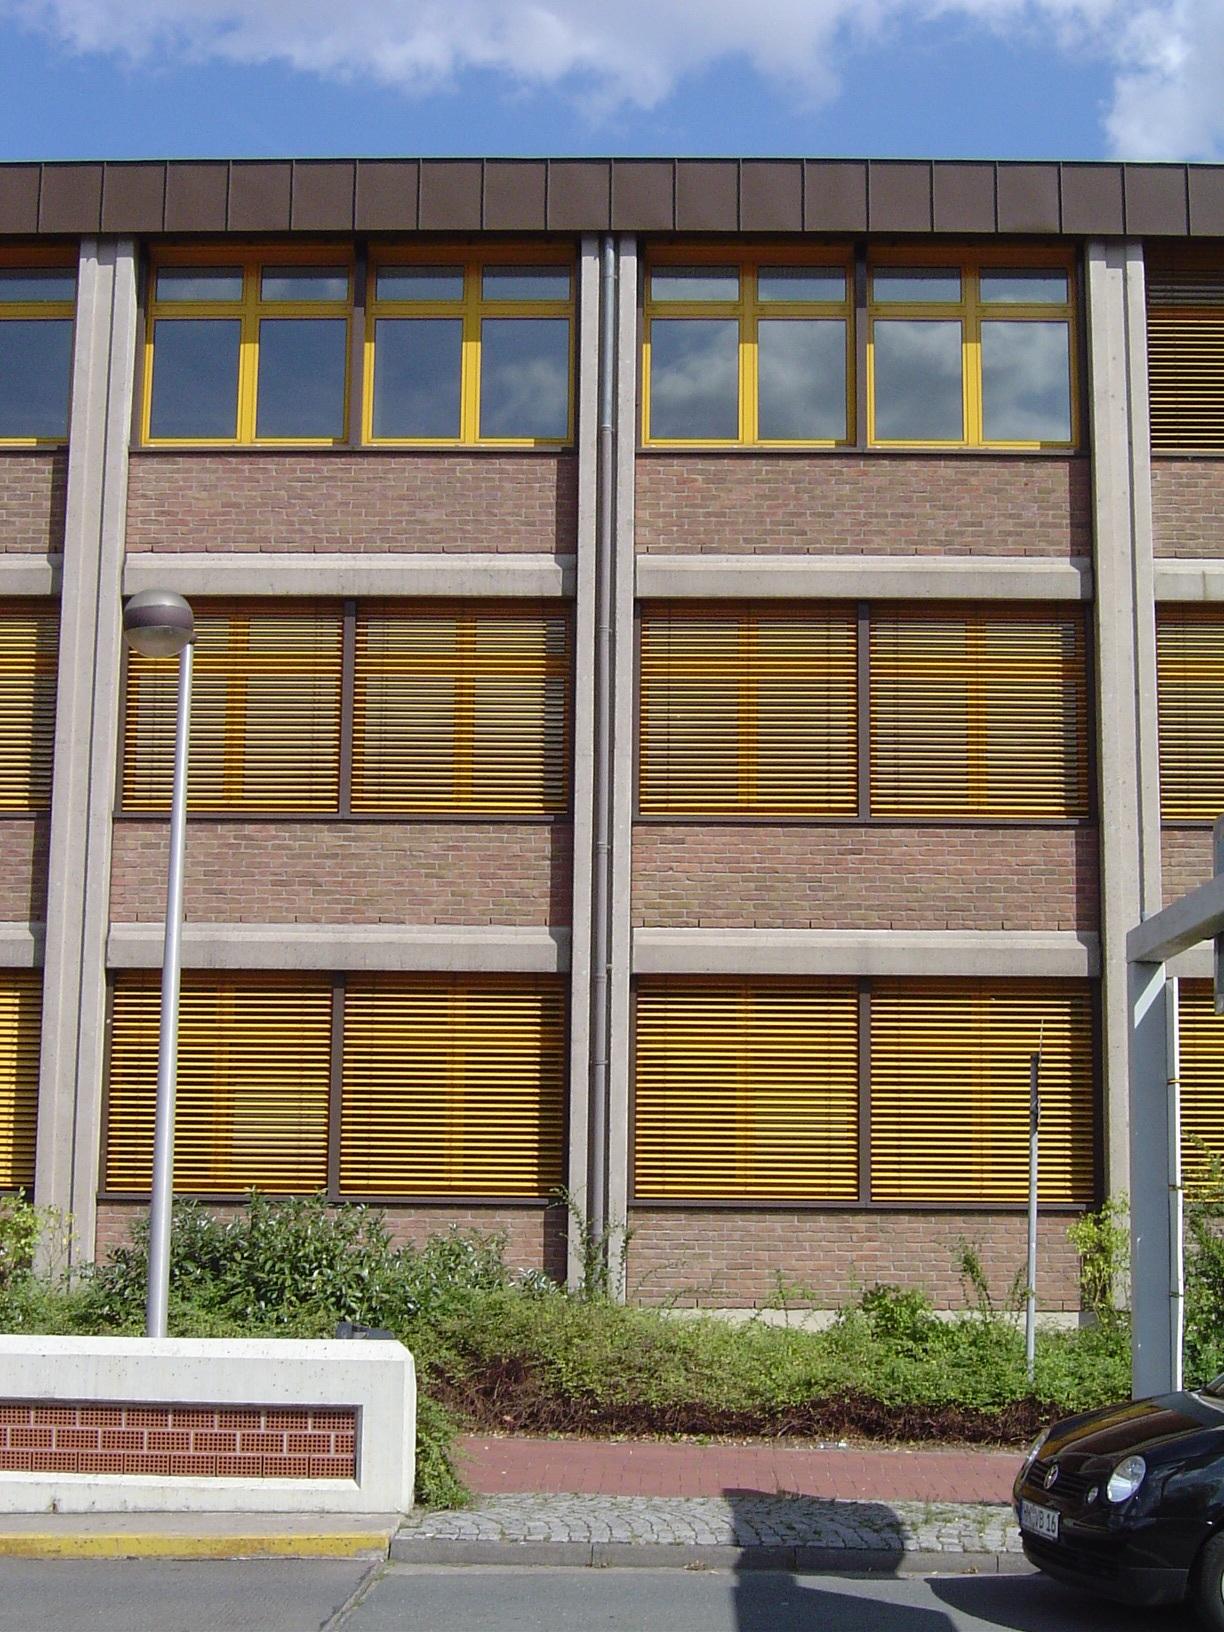 rigoletto office block windows shutters